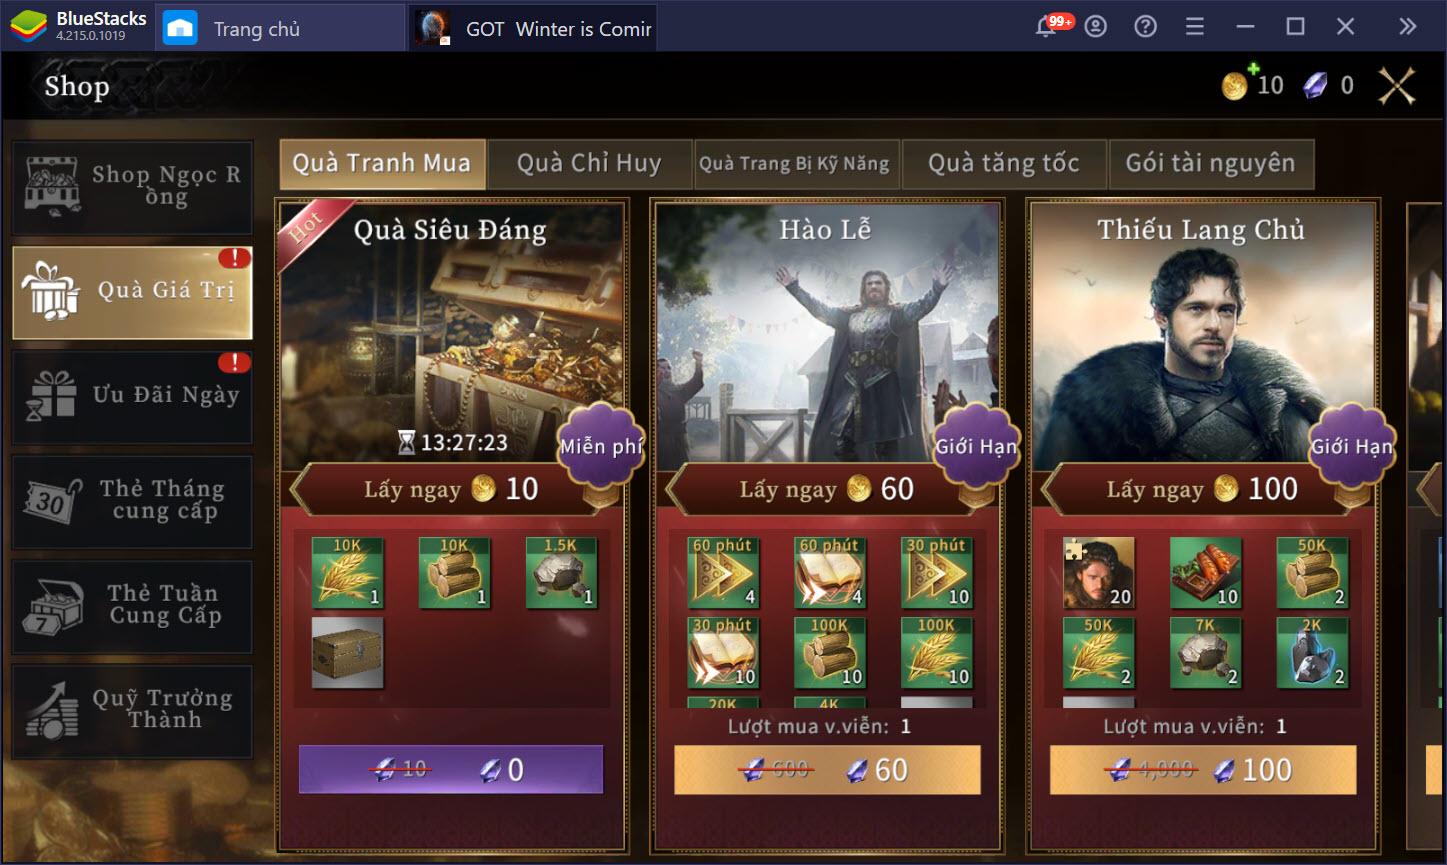 Hướng dẫn cách chơi cơ bản GOT: Winter is Coming M trên PC